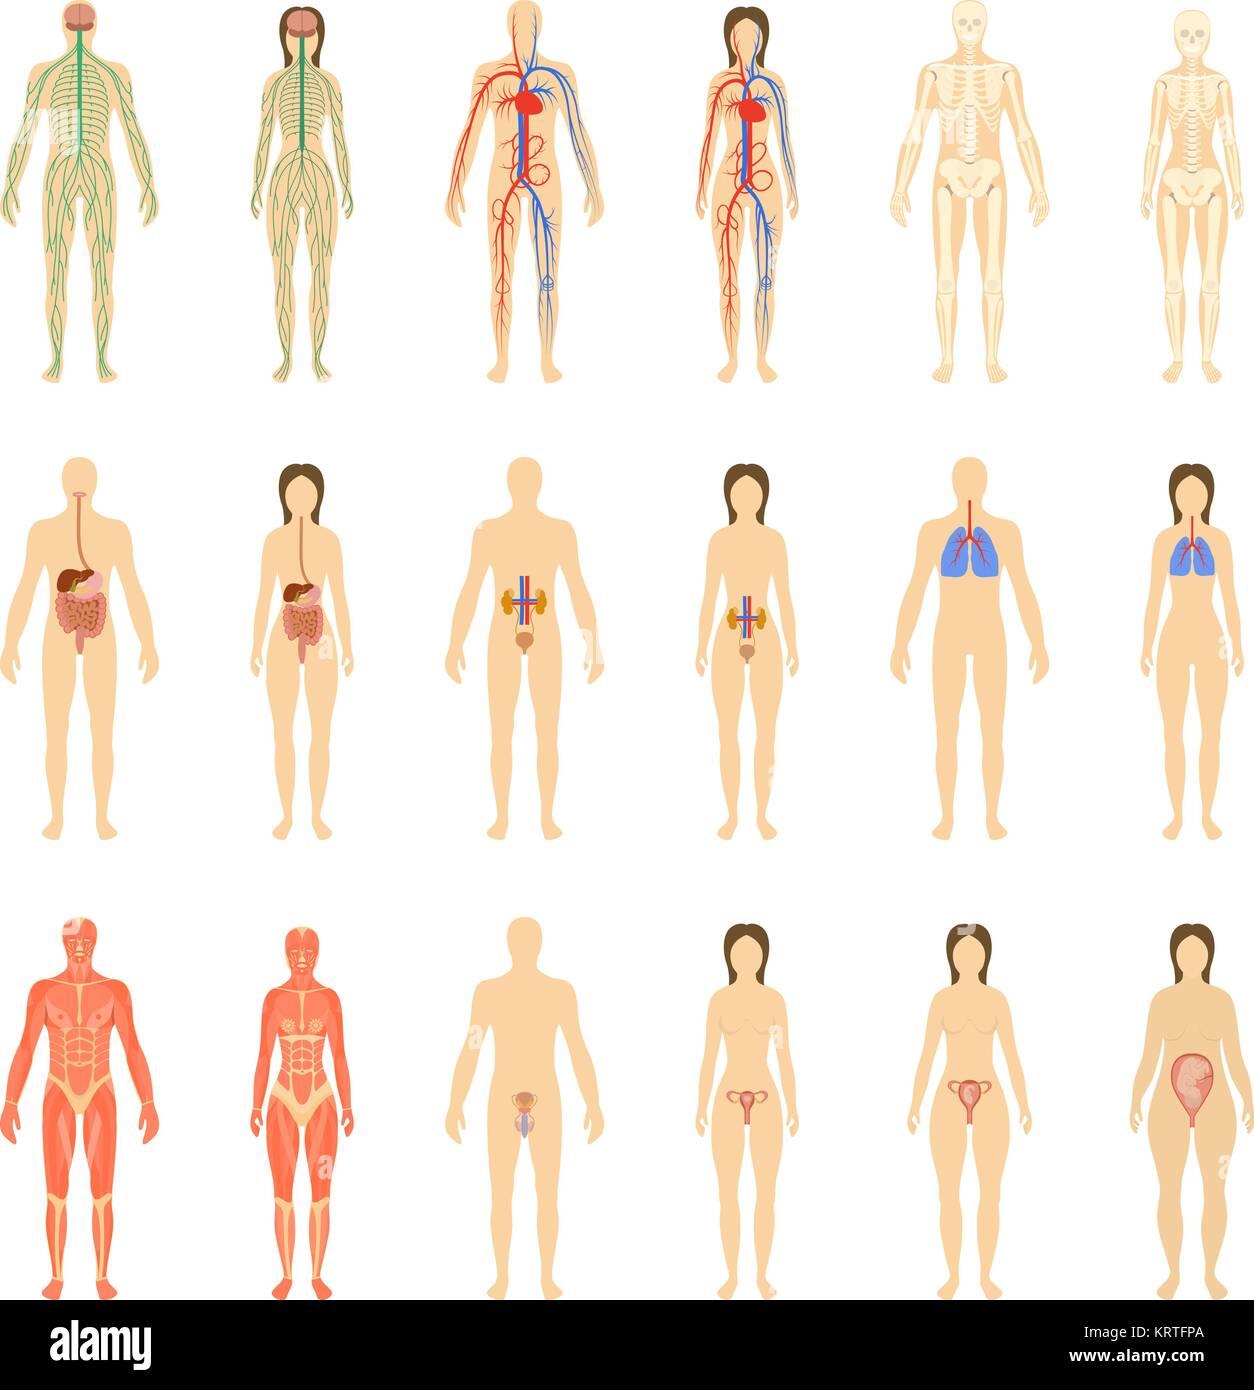 Satz von menschlichen Organen und Systemen des Körpers Vitalität und ...